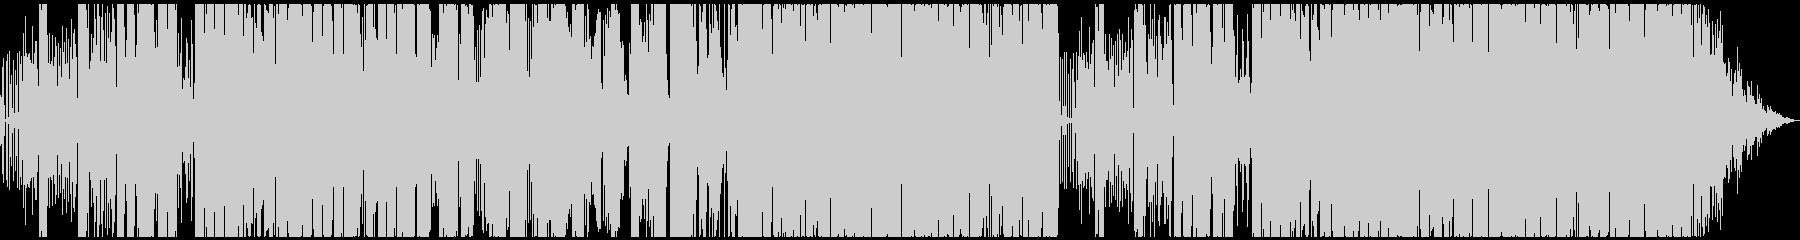 東部トロンボーンとウード。の未再生の波形